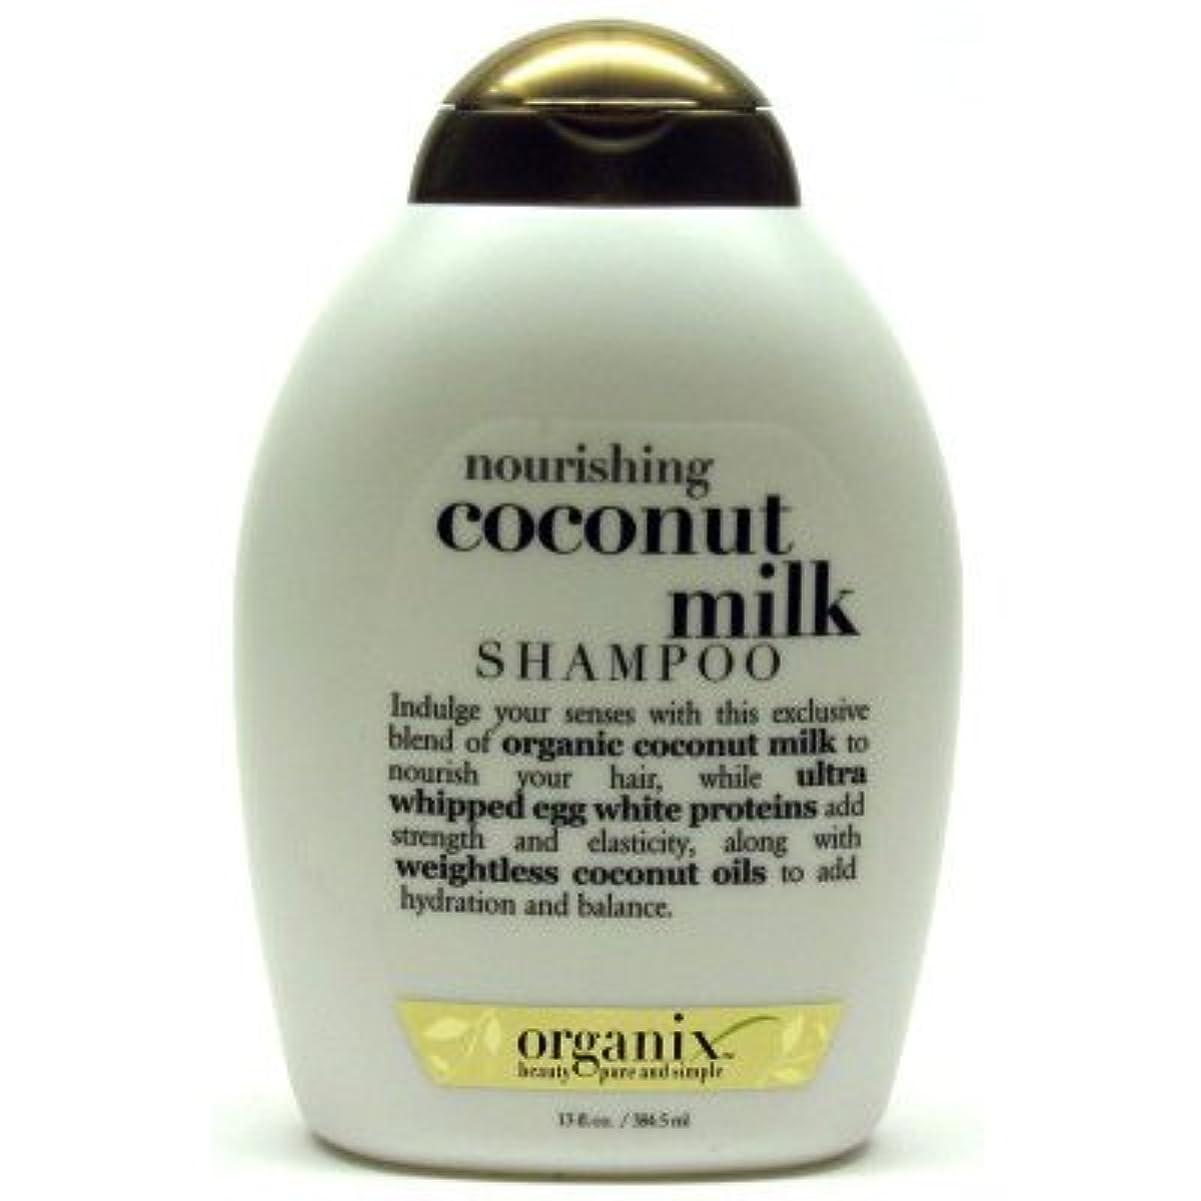 検索エンジン最適化セマフォ数学髪いきいきココナッツミルクシャンプー 384ml (並行輸入品)